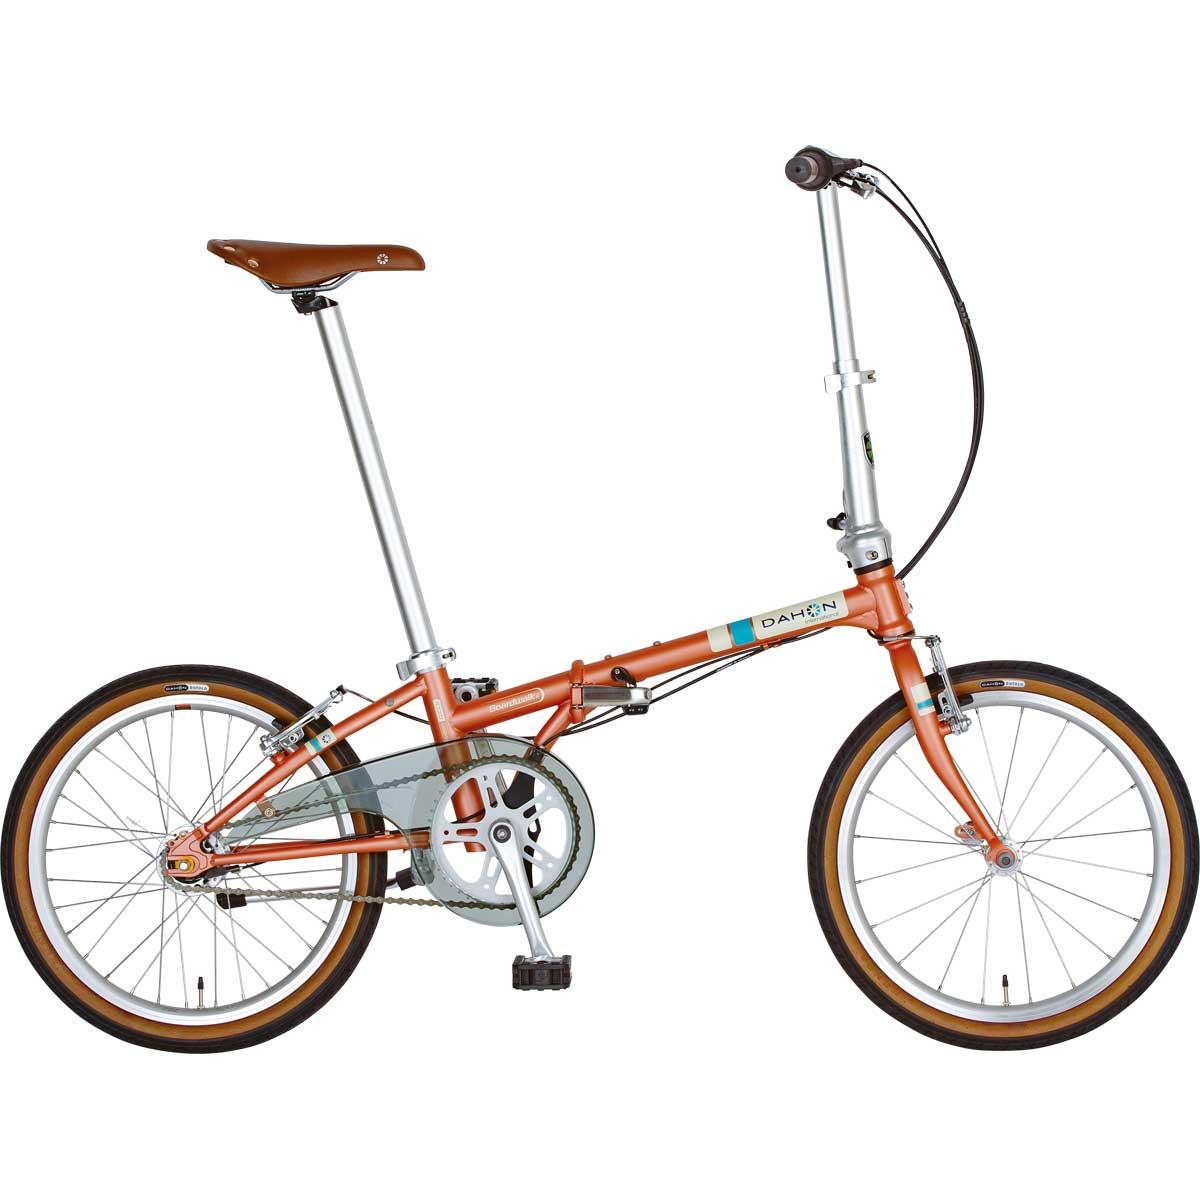 DAHON/ダホンBoardwalkI5ボードウォークI5マットコーラル(9010)折りたたみ自転車